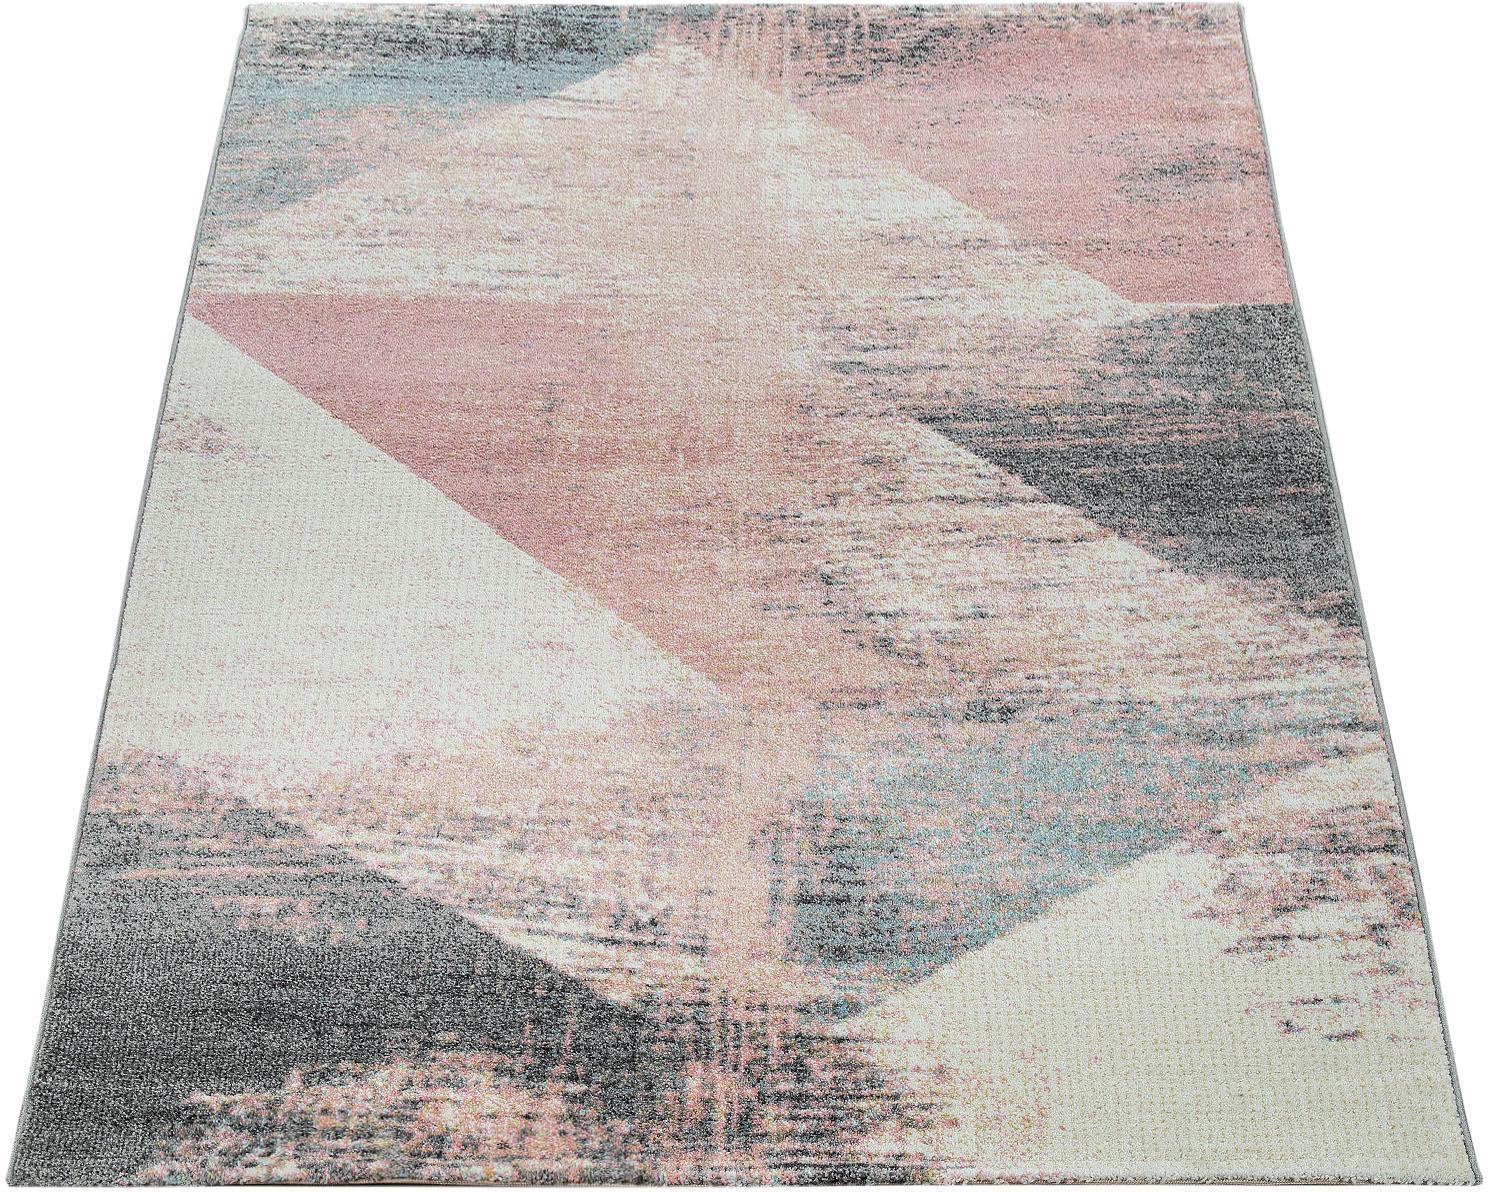 Teppich Mero 102 Paco Home rechteckig Höhe 17 mm maschinell gewebt